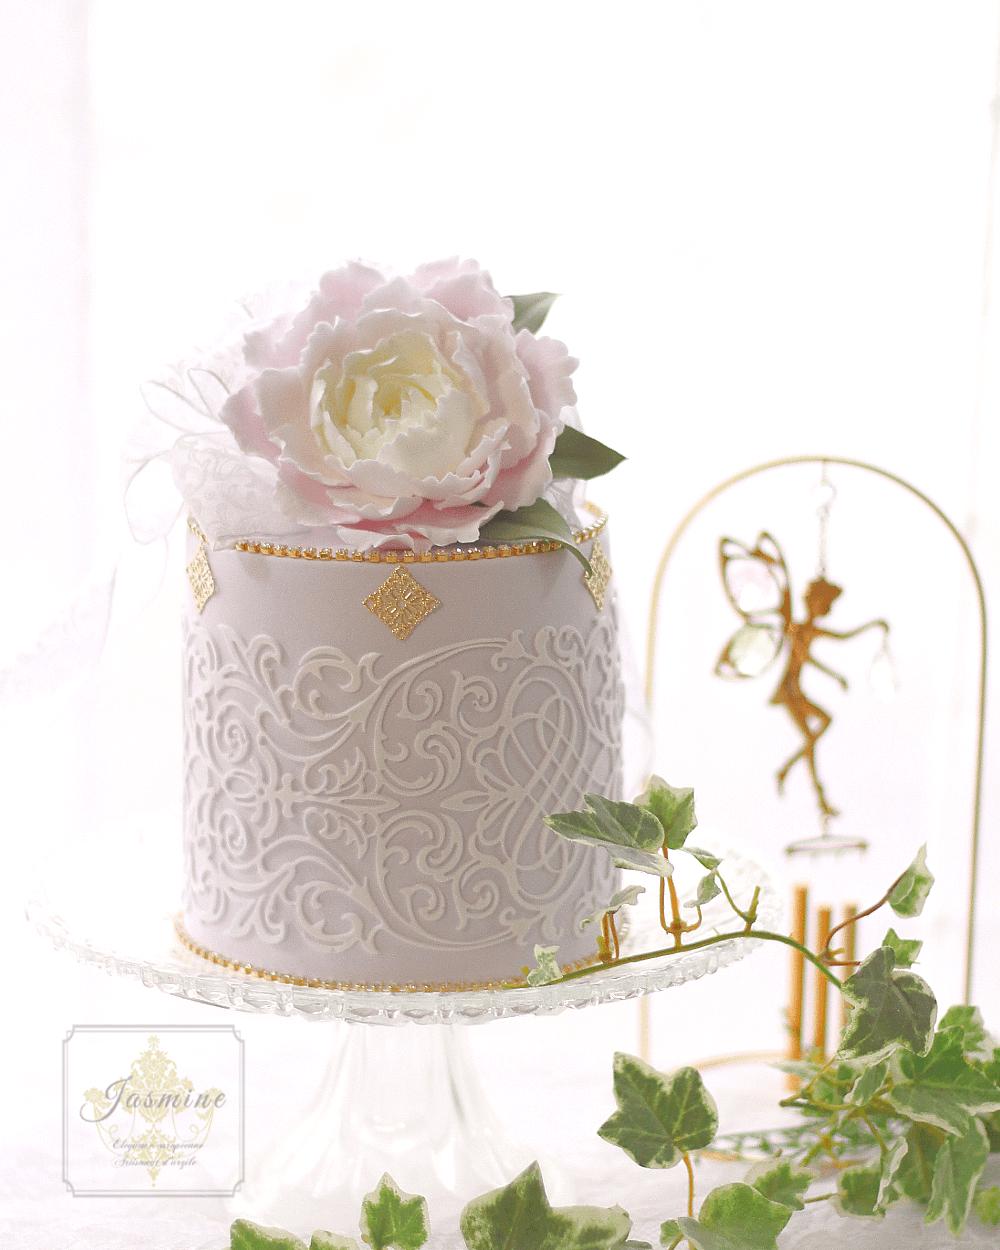 芍薬のクレイケーキ Clay Art Jasmine